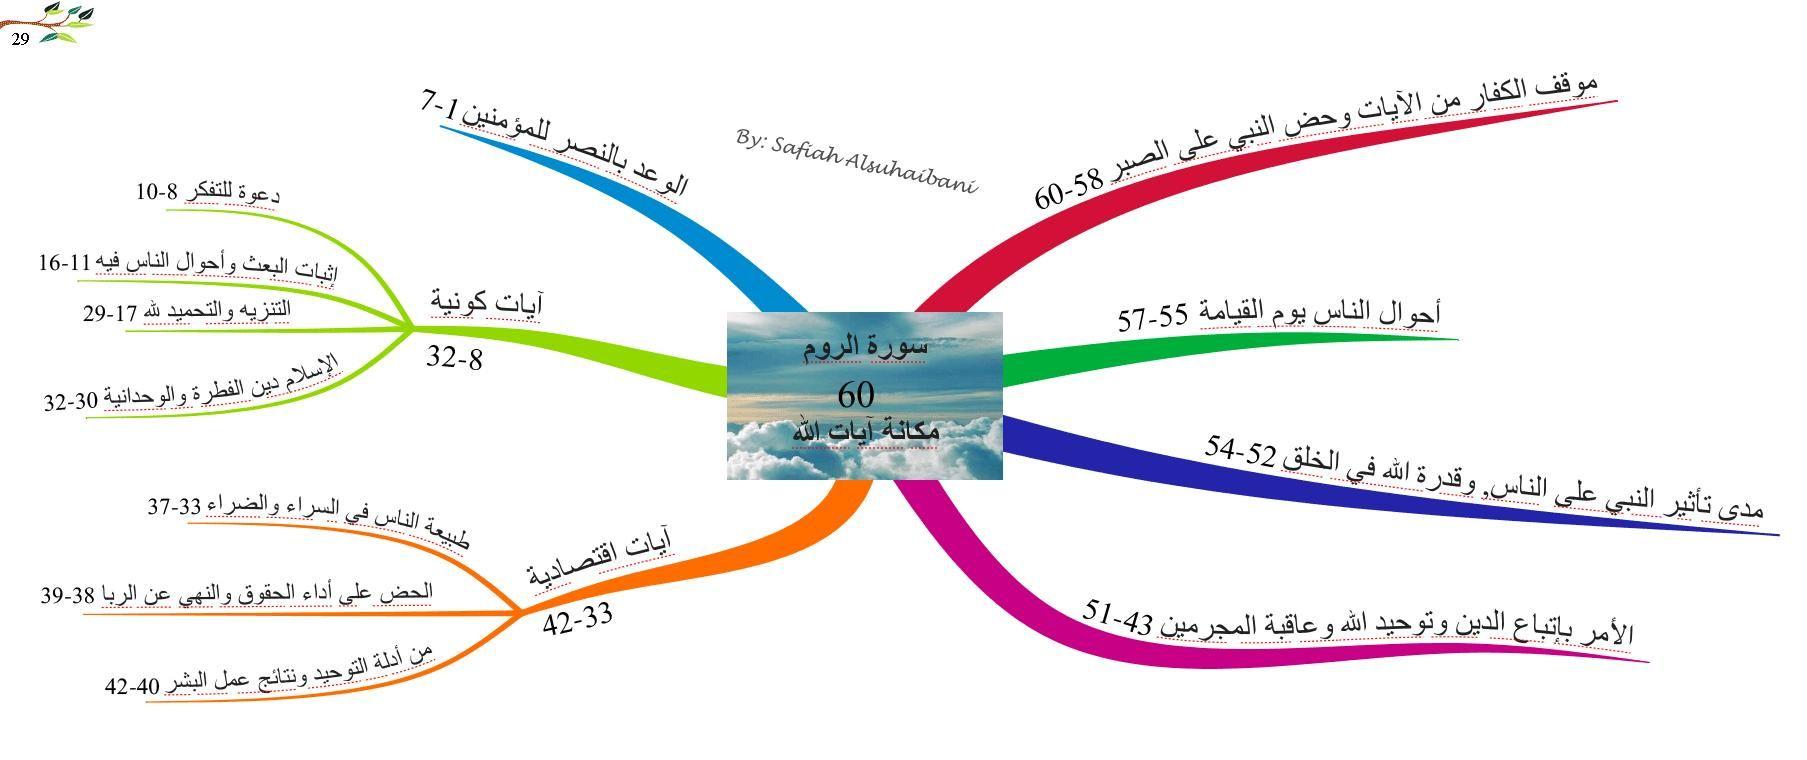 الخرائط الذهنية لسور القرآن الكريم سورة الروم Map Quran Mind Map